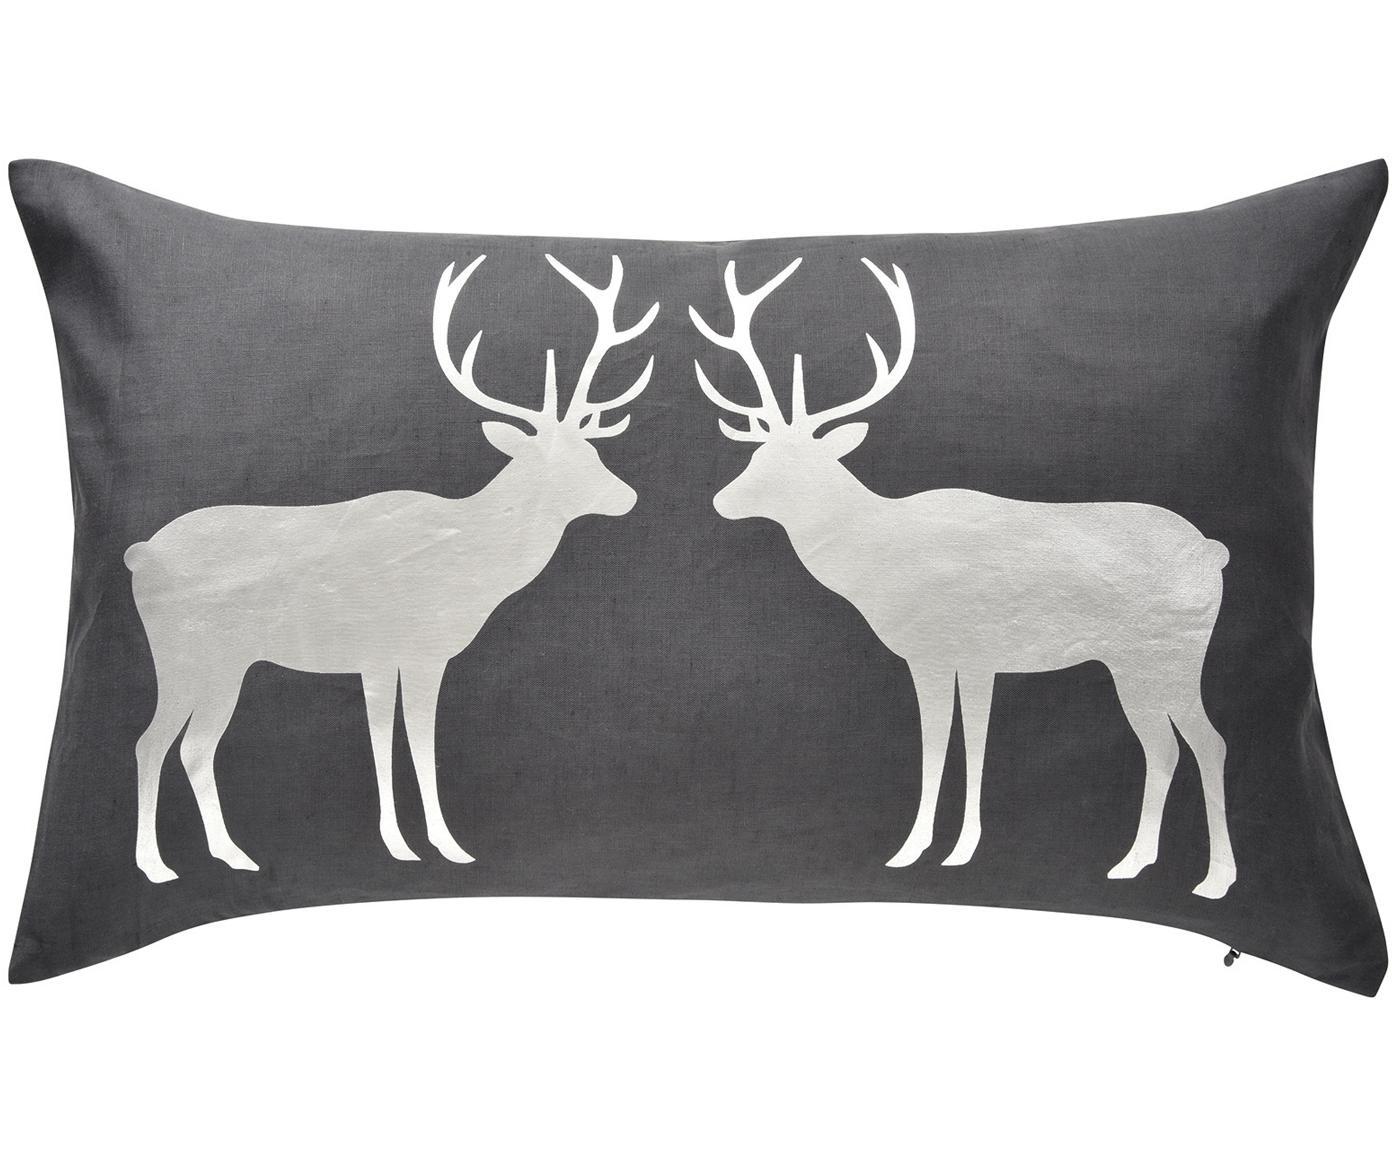 Kissenhülle Forrest mit glänzendem Hirsch Motiv, 55% Leinen, 45% Baumwolle, Anthrazit, Silbergrau, 35 x 60 cm